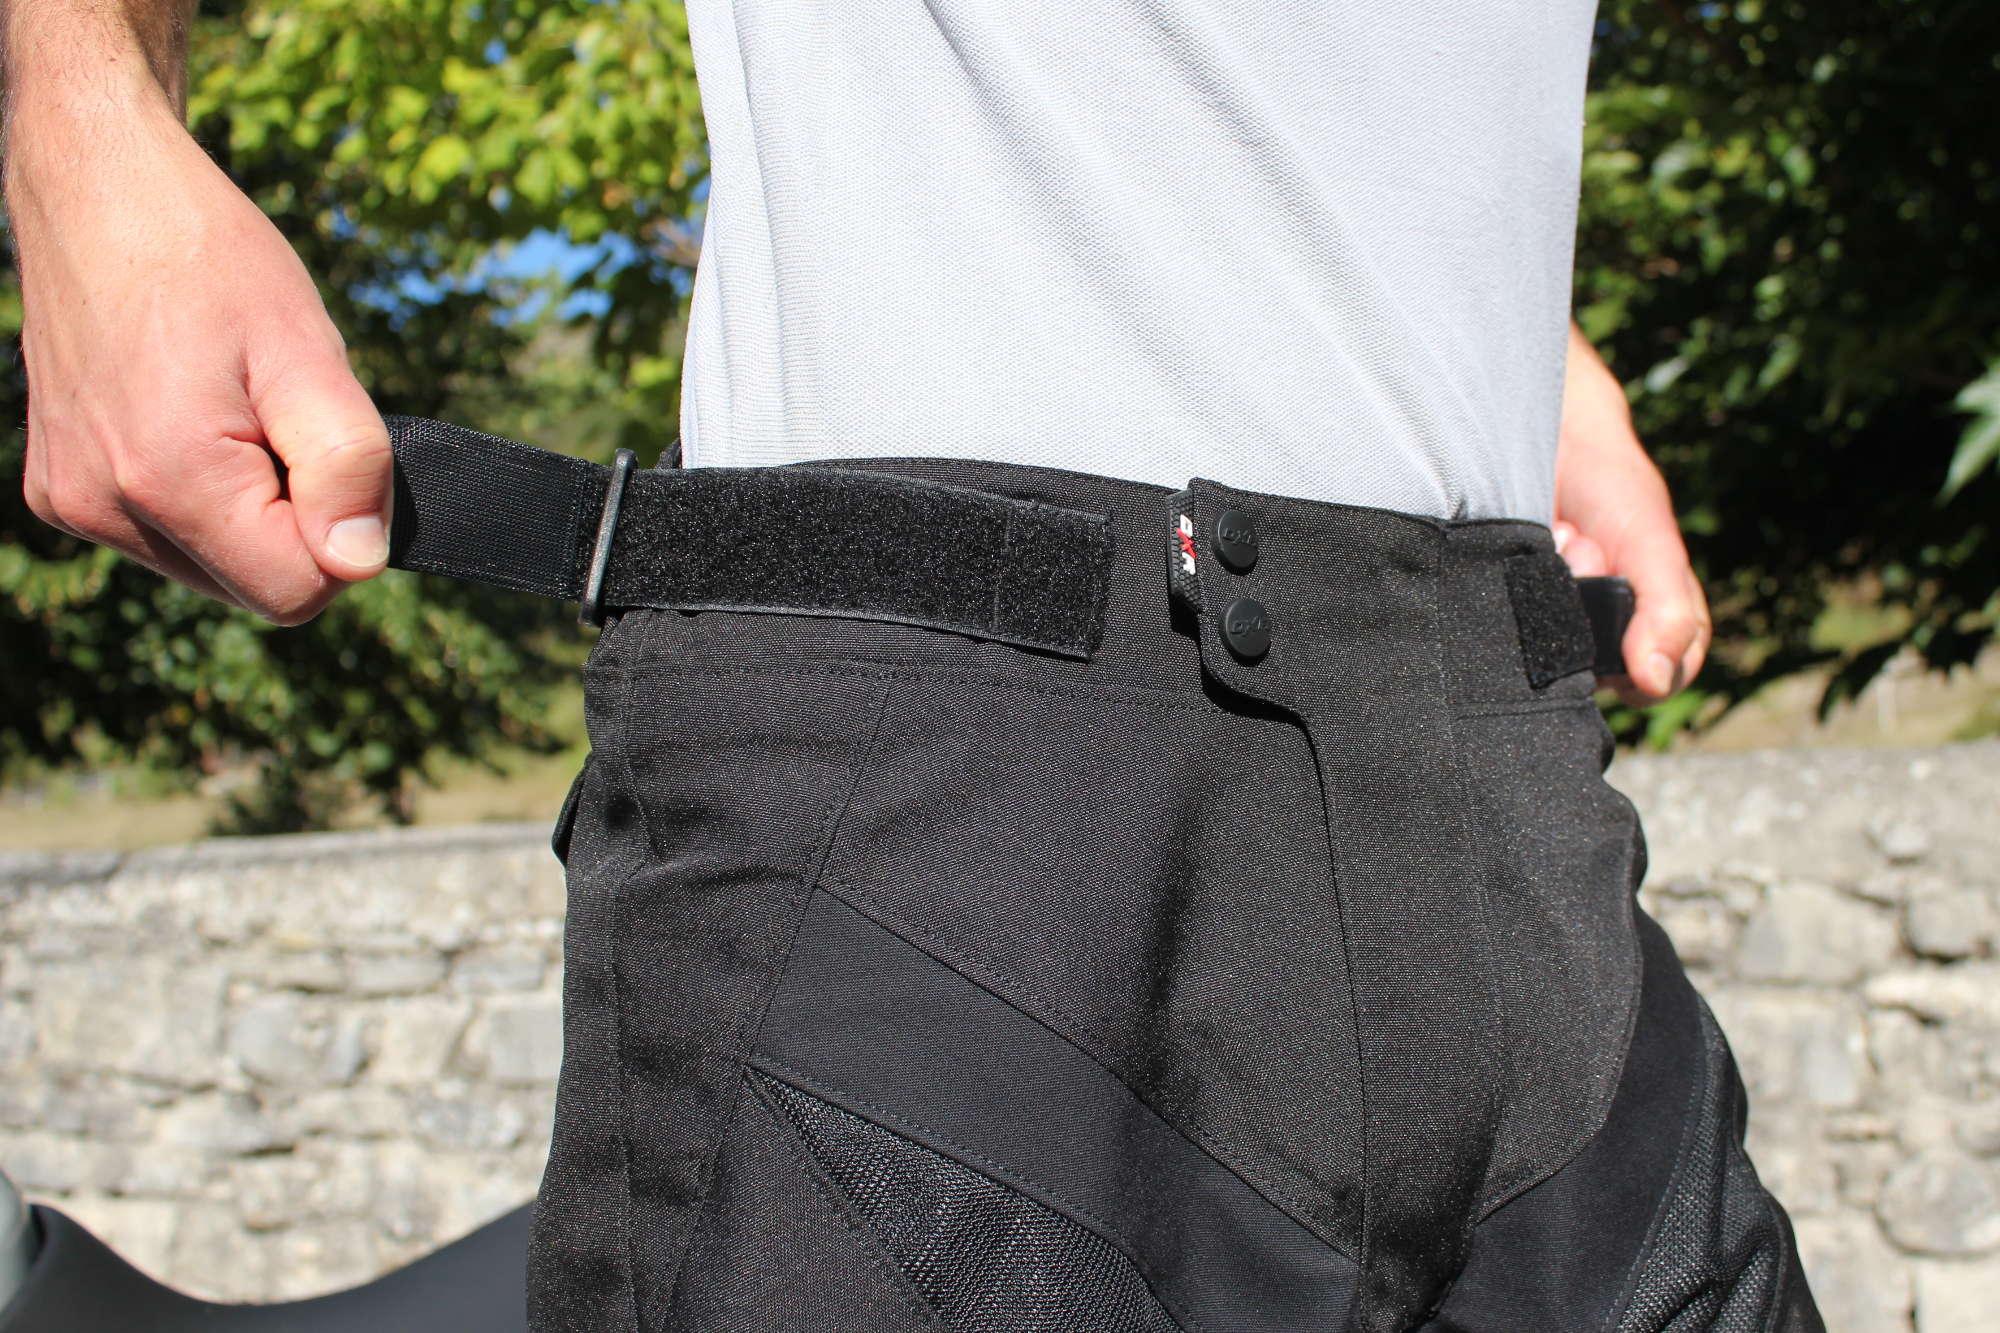 El sistema de ajuste de la cintura es obvio para manejar